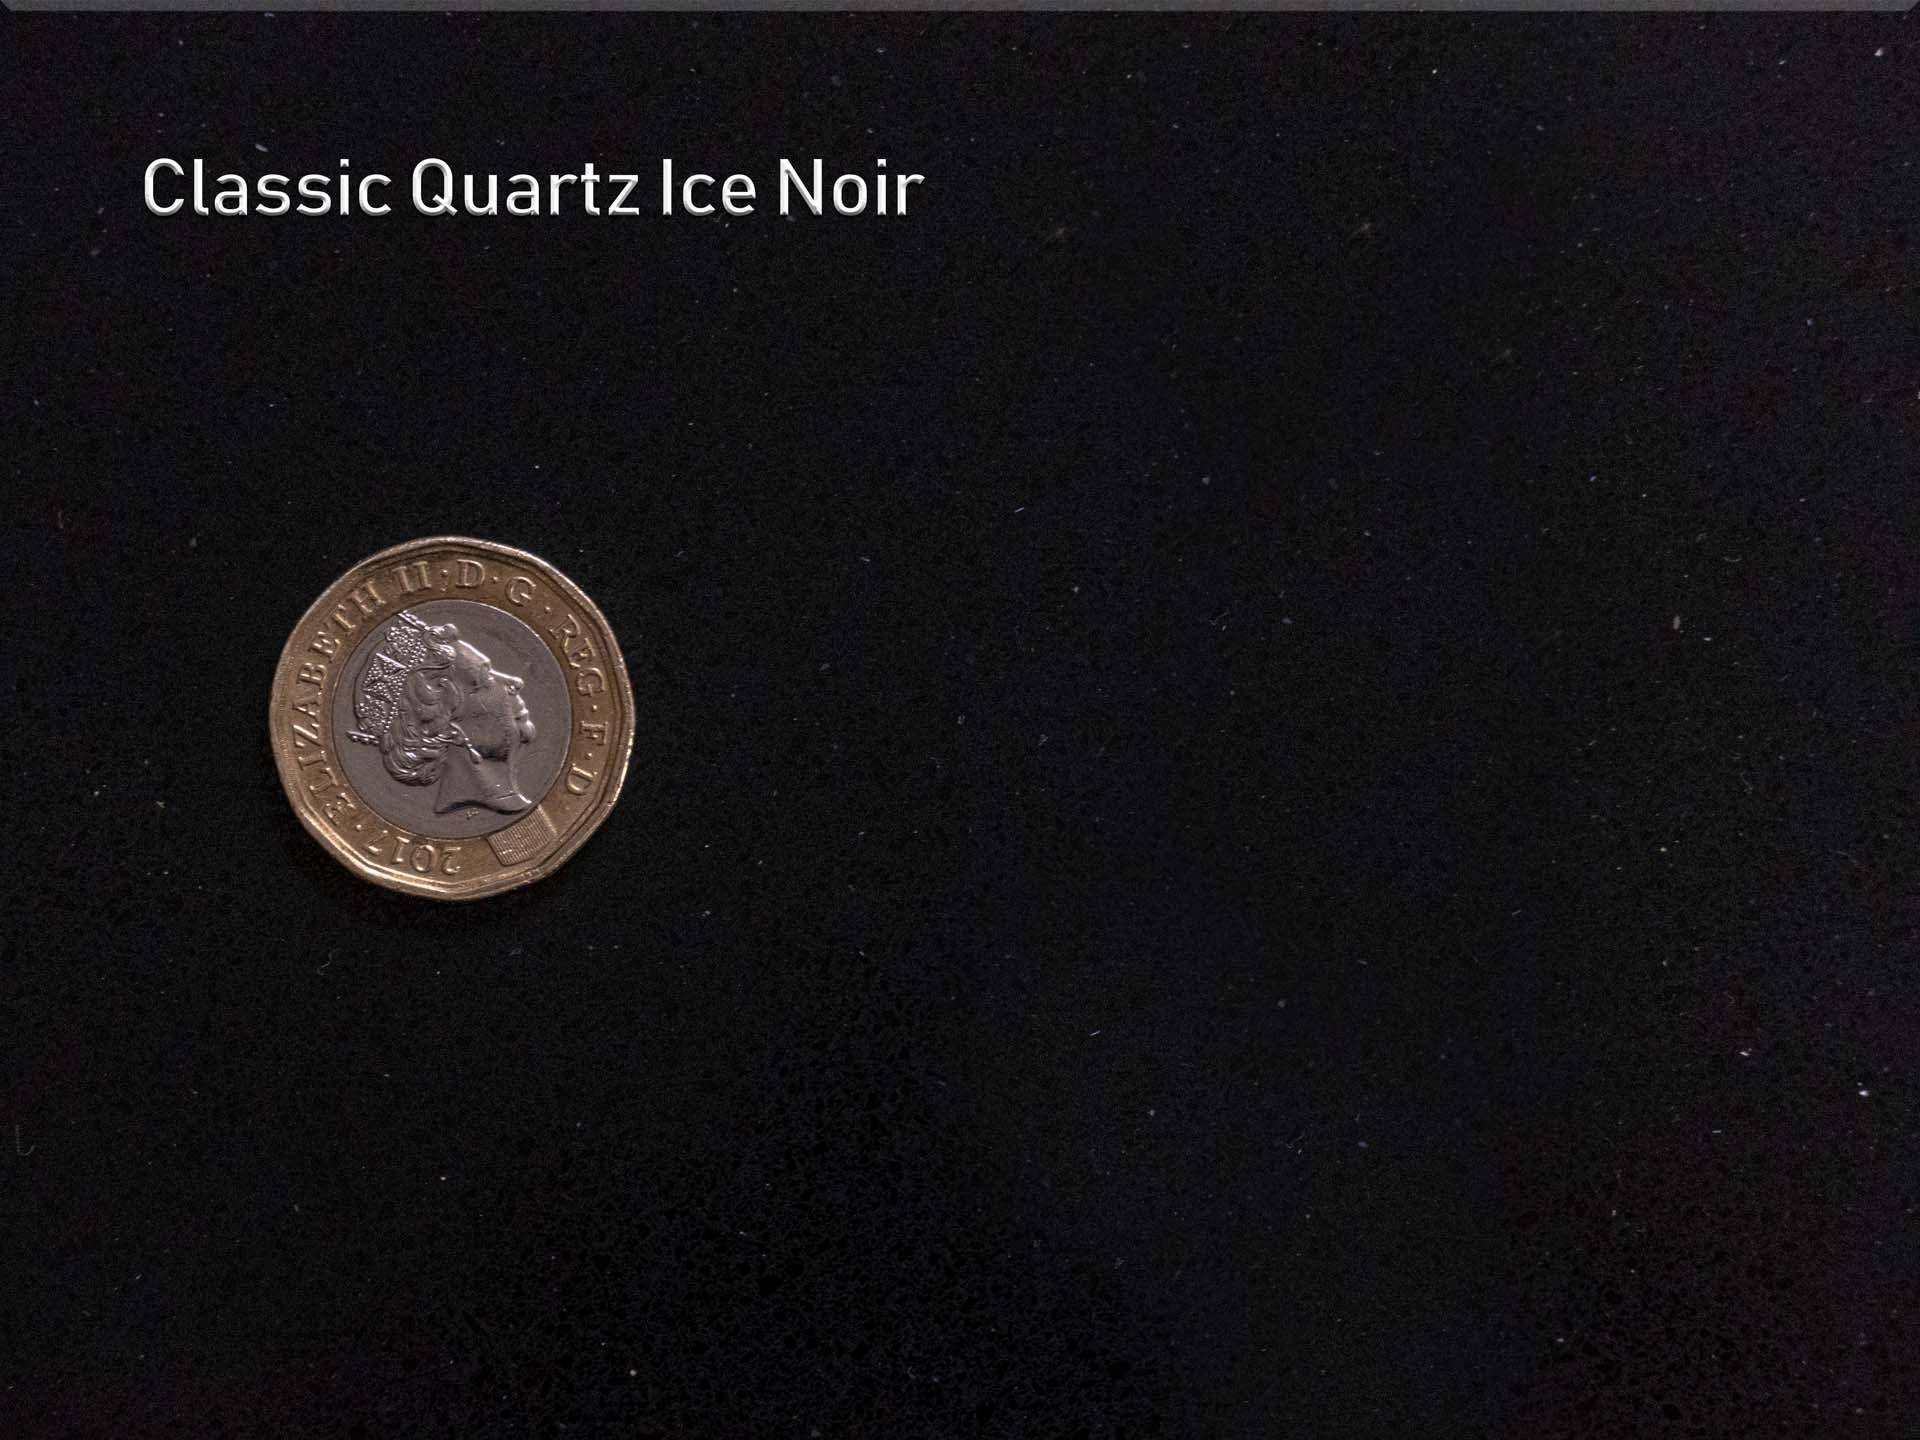 classic quartz ice noir small sparkly quartz worktops subtle special offer july 2019 164441